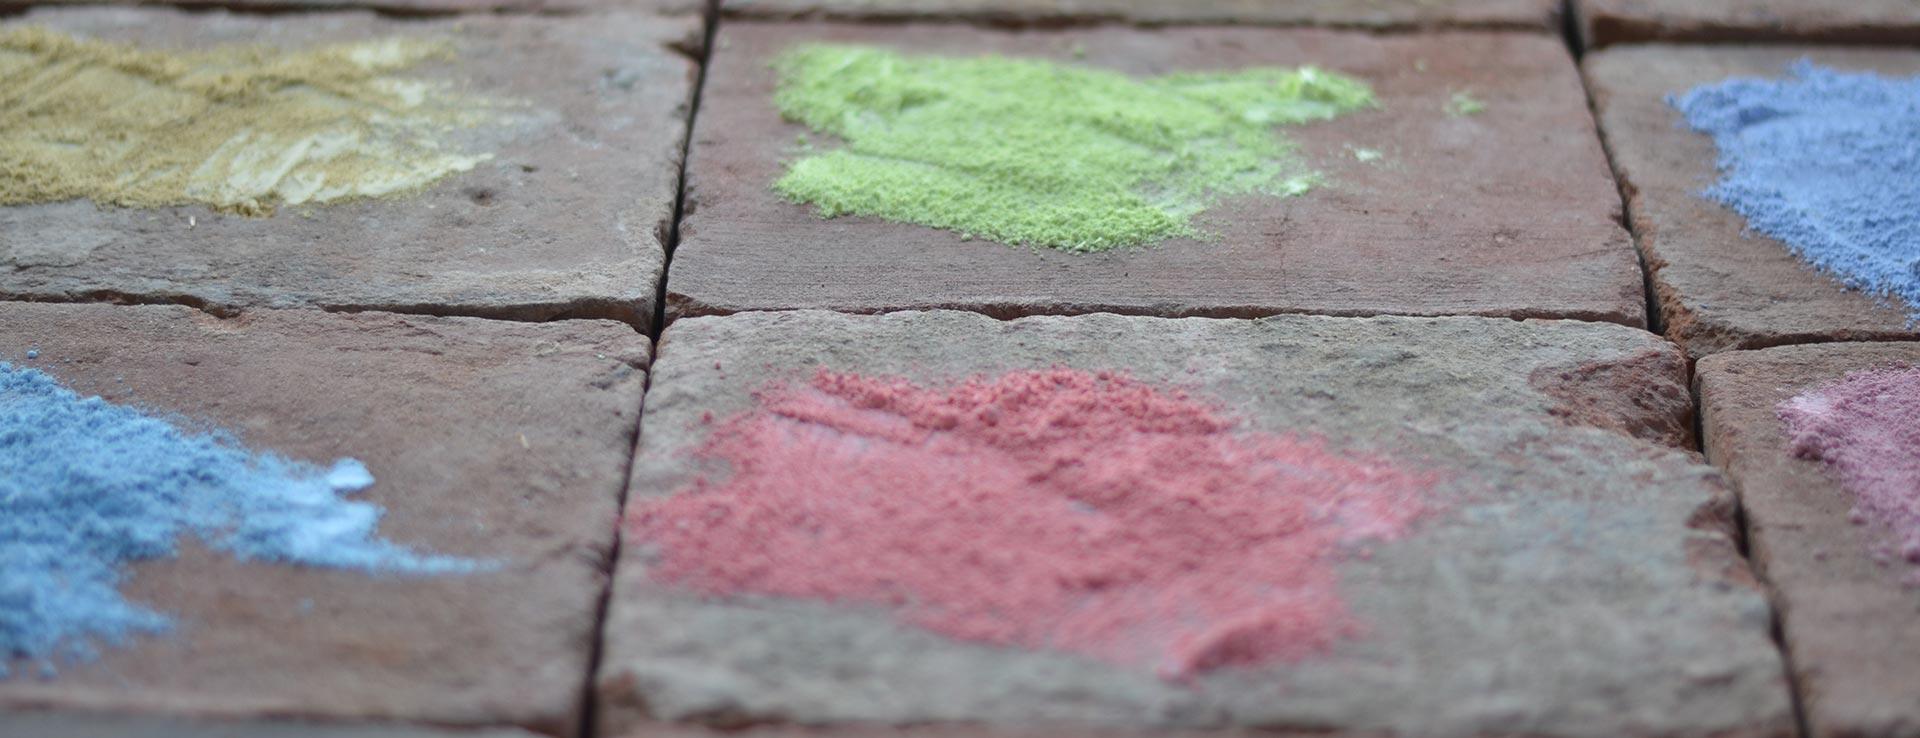 Lehmfarben & Lehmstreichputze in Pastell-Tönen